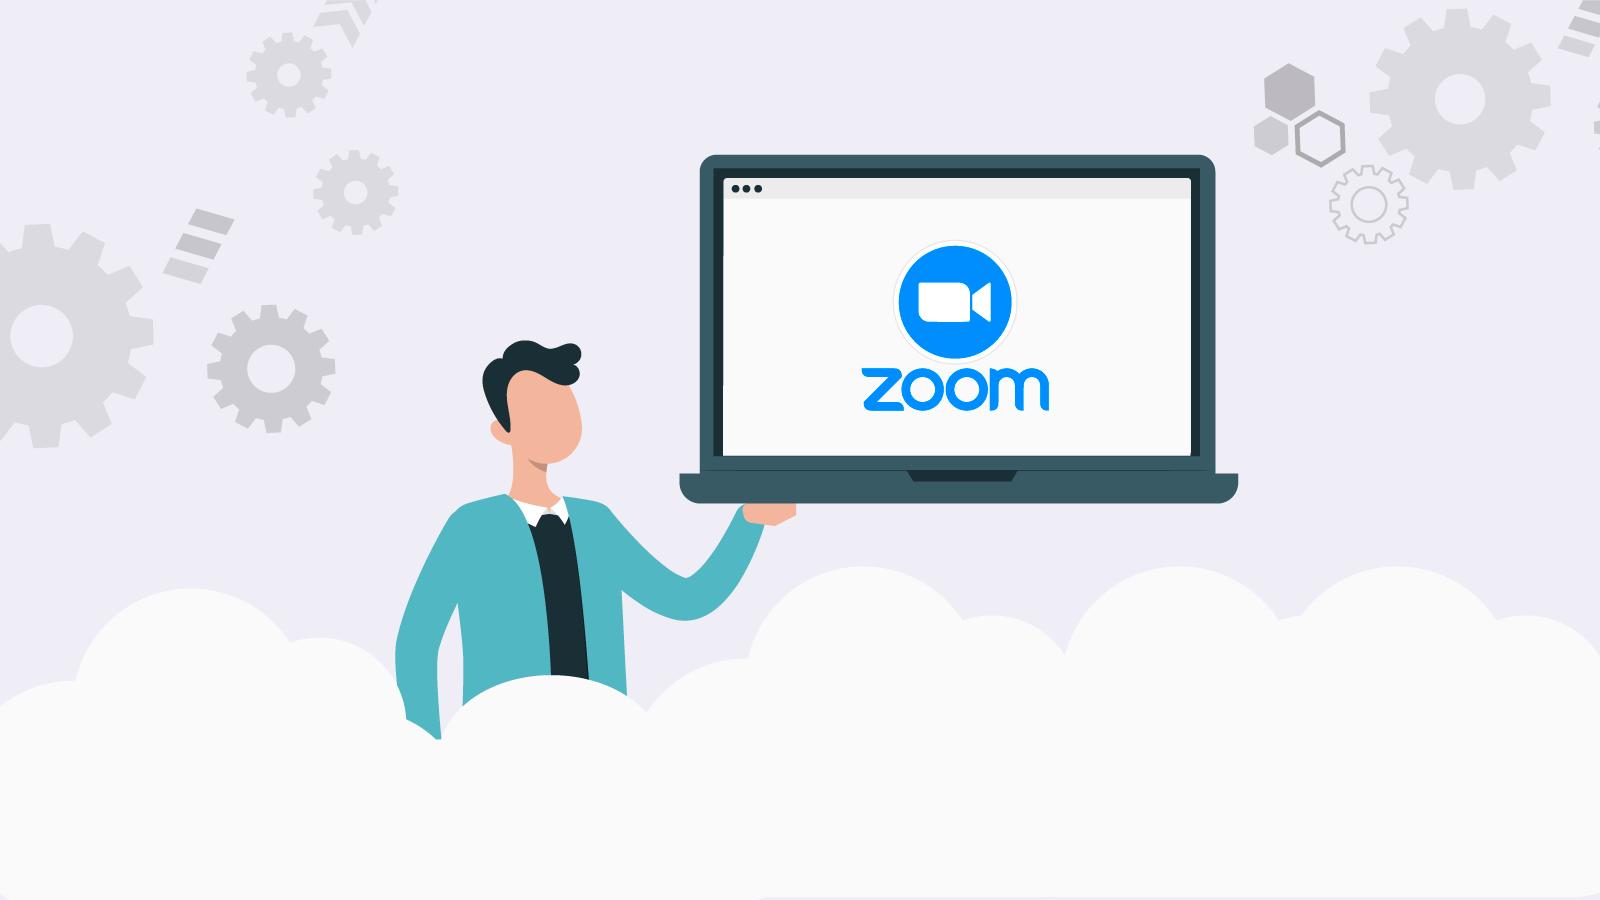 microsoft-teams-vs-zoom